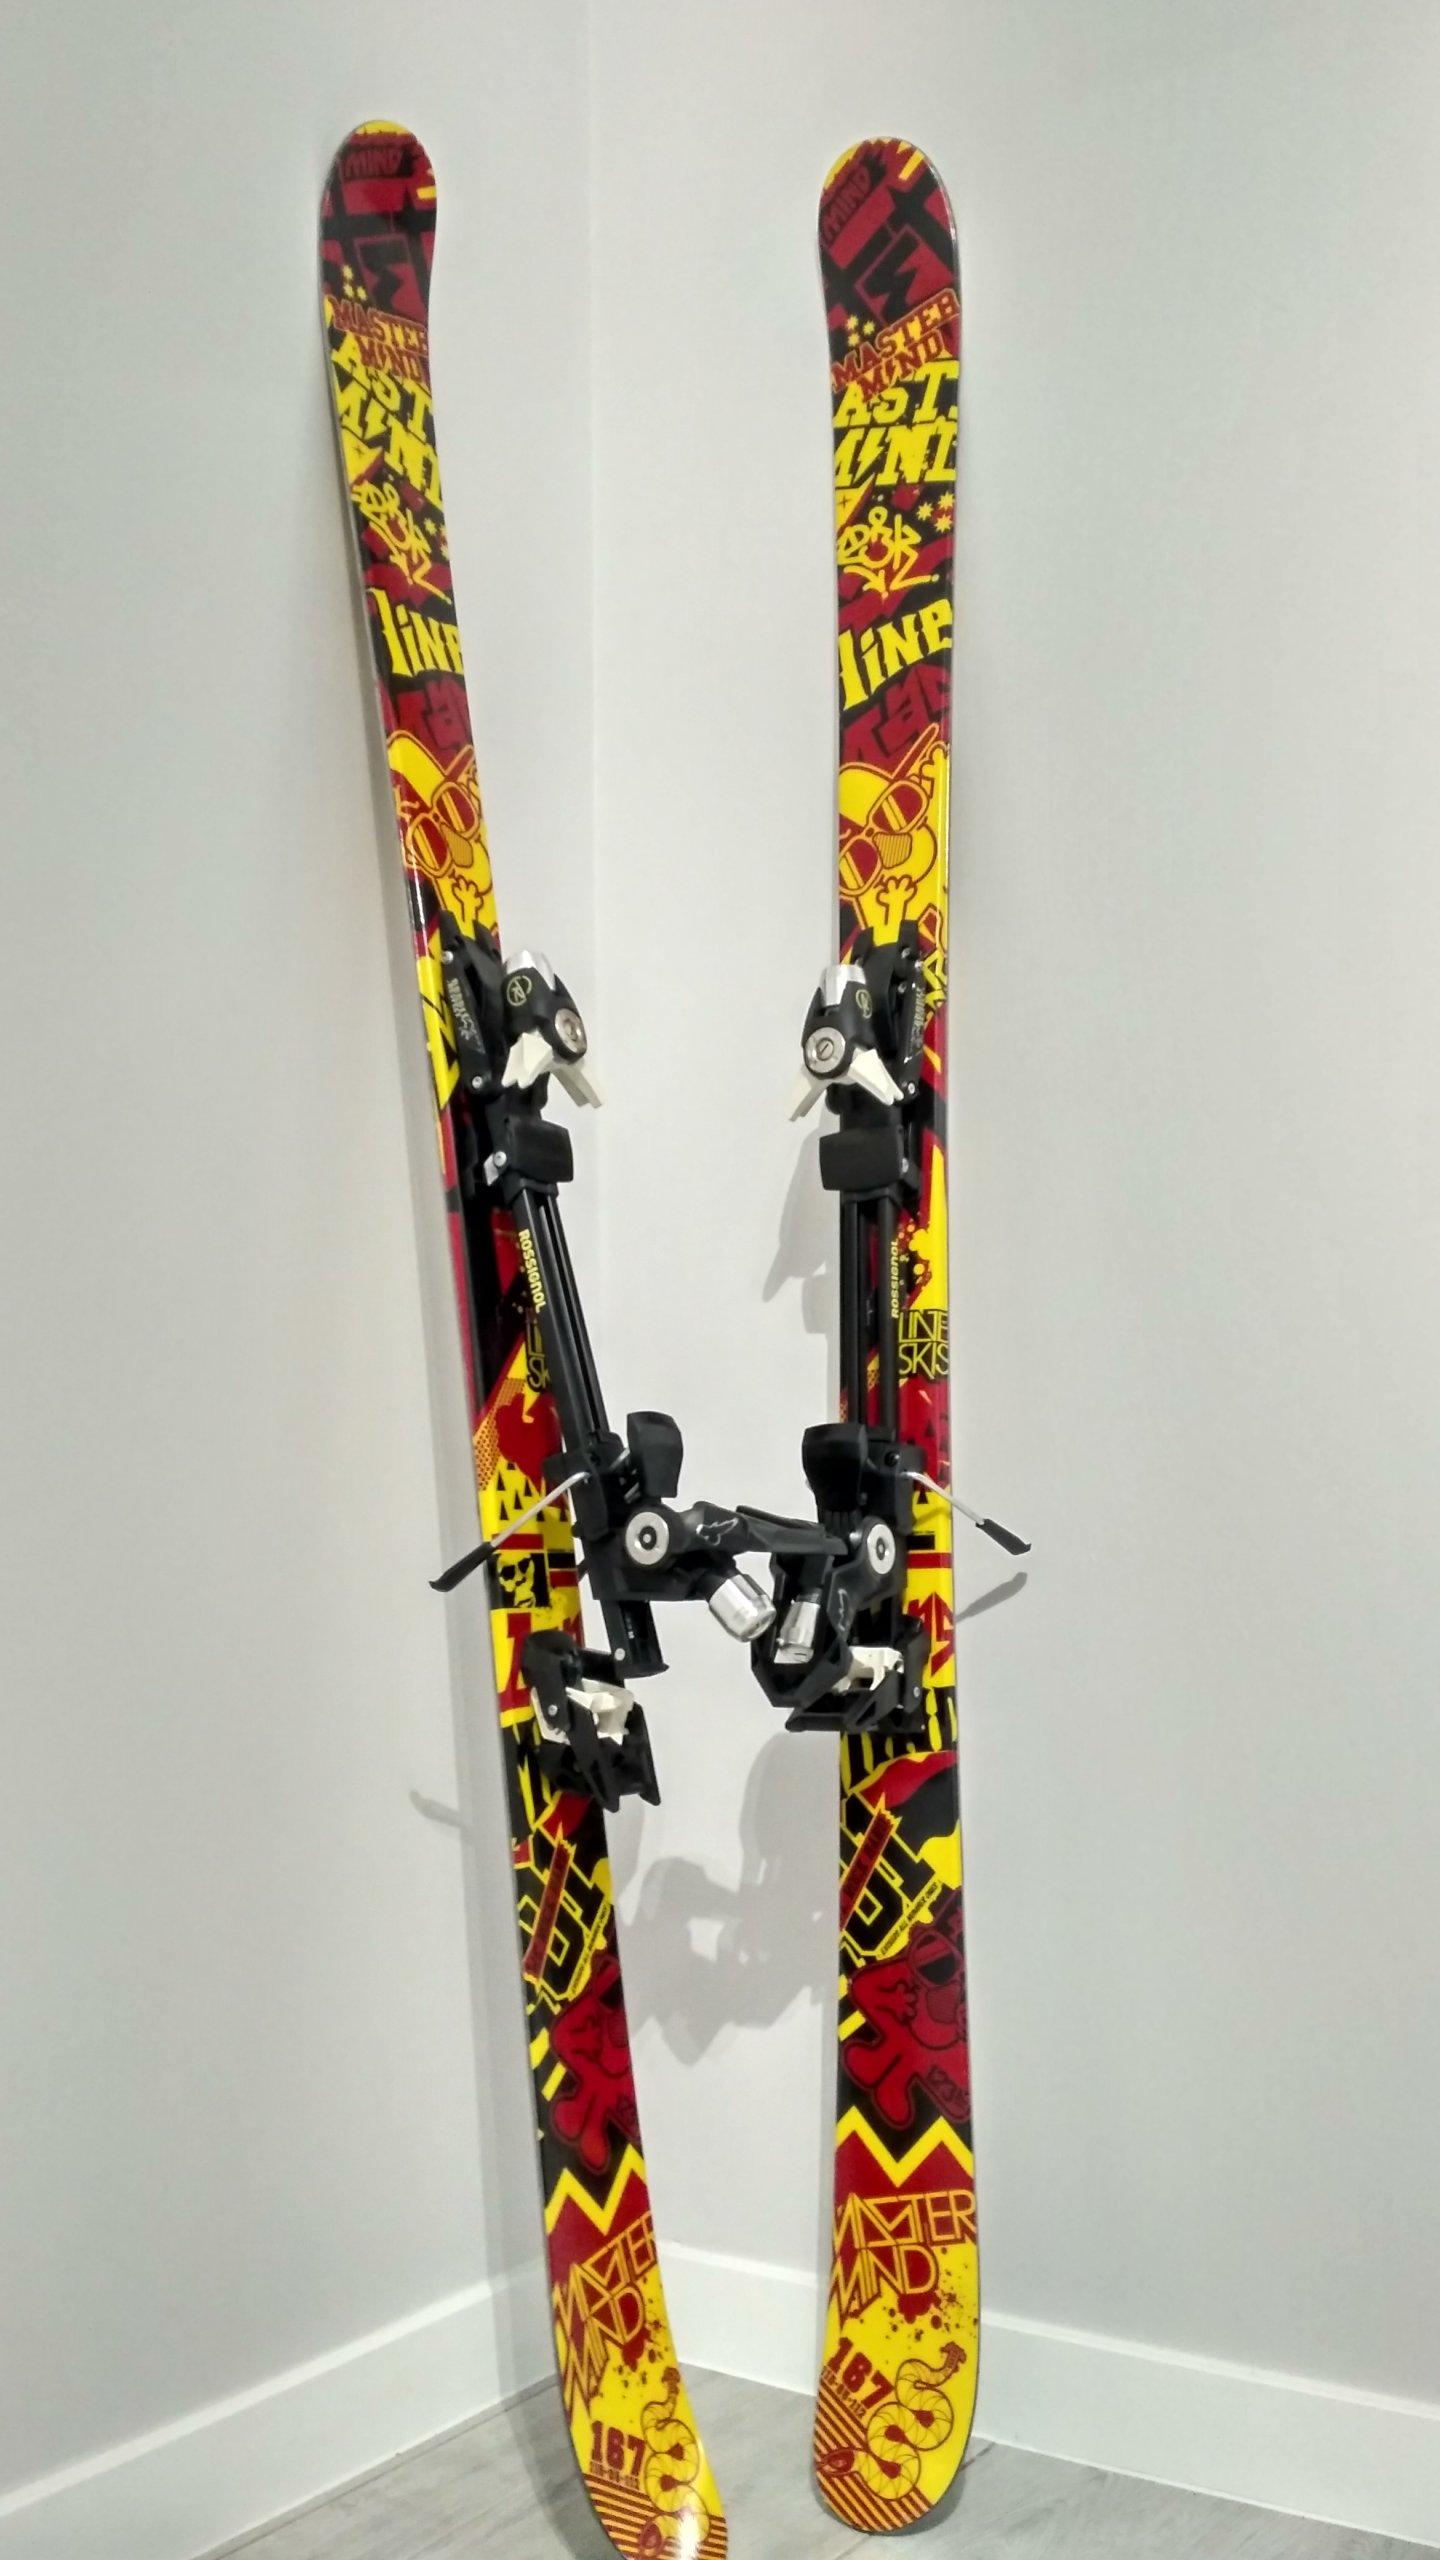 Narty Skiturowe Freestyle Wiazania Naxo Buty 7068845821 Oficjalne Archiwum Allegro